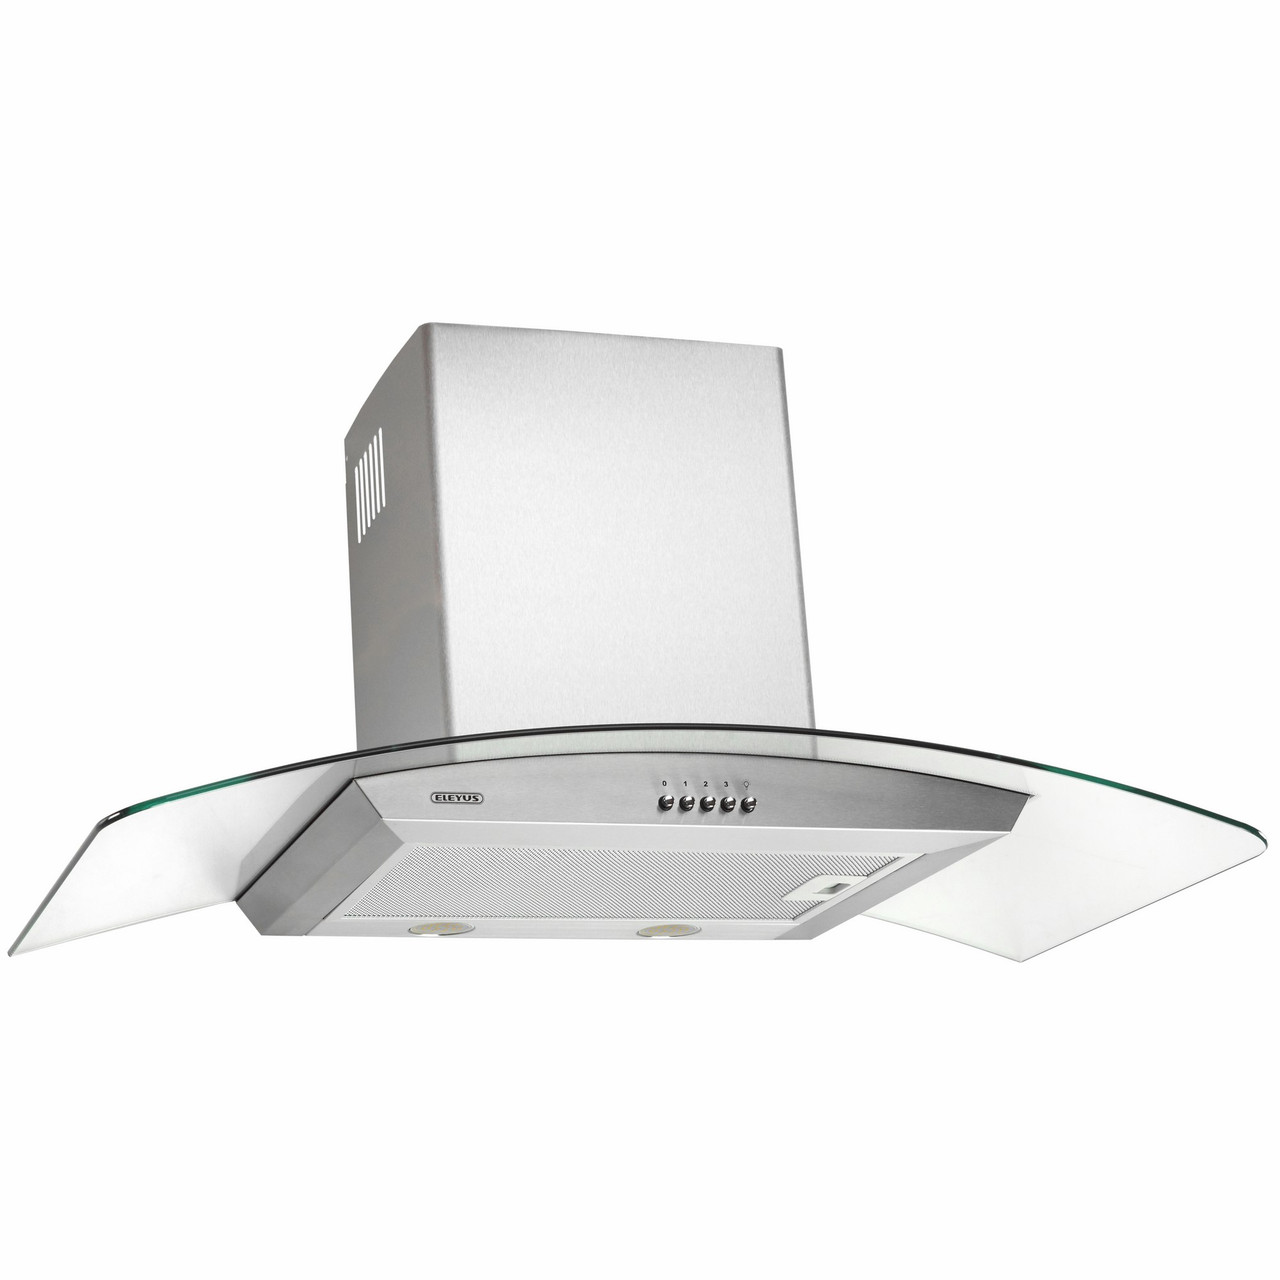 Витяжка кухонна ELEYUS Optima 750 LED SMD 90 M IS + Безкоштовна доставка!